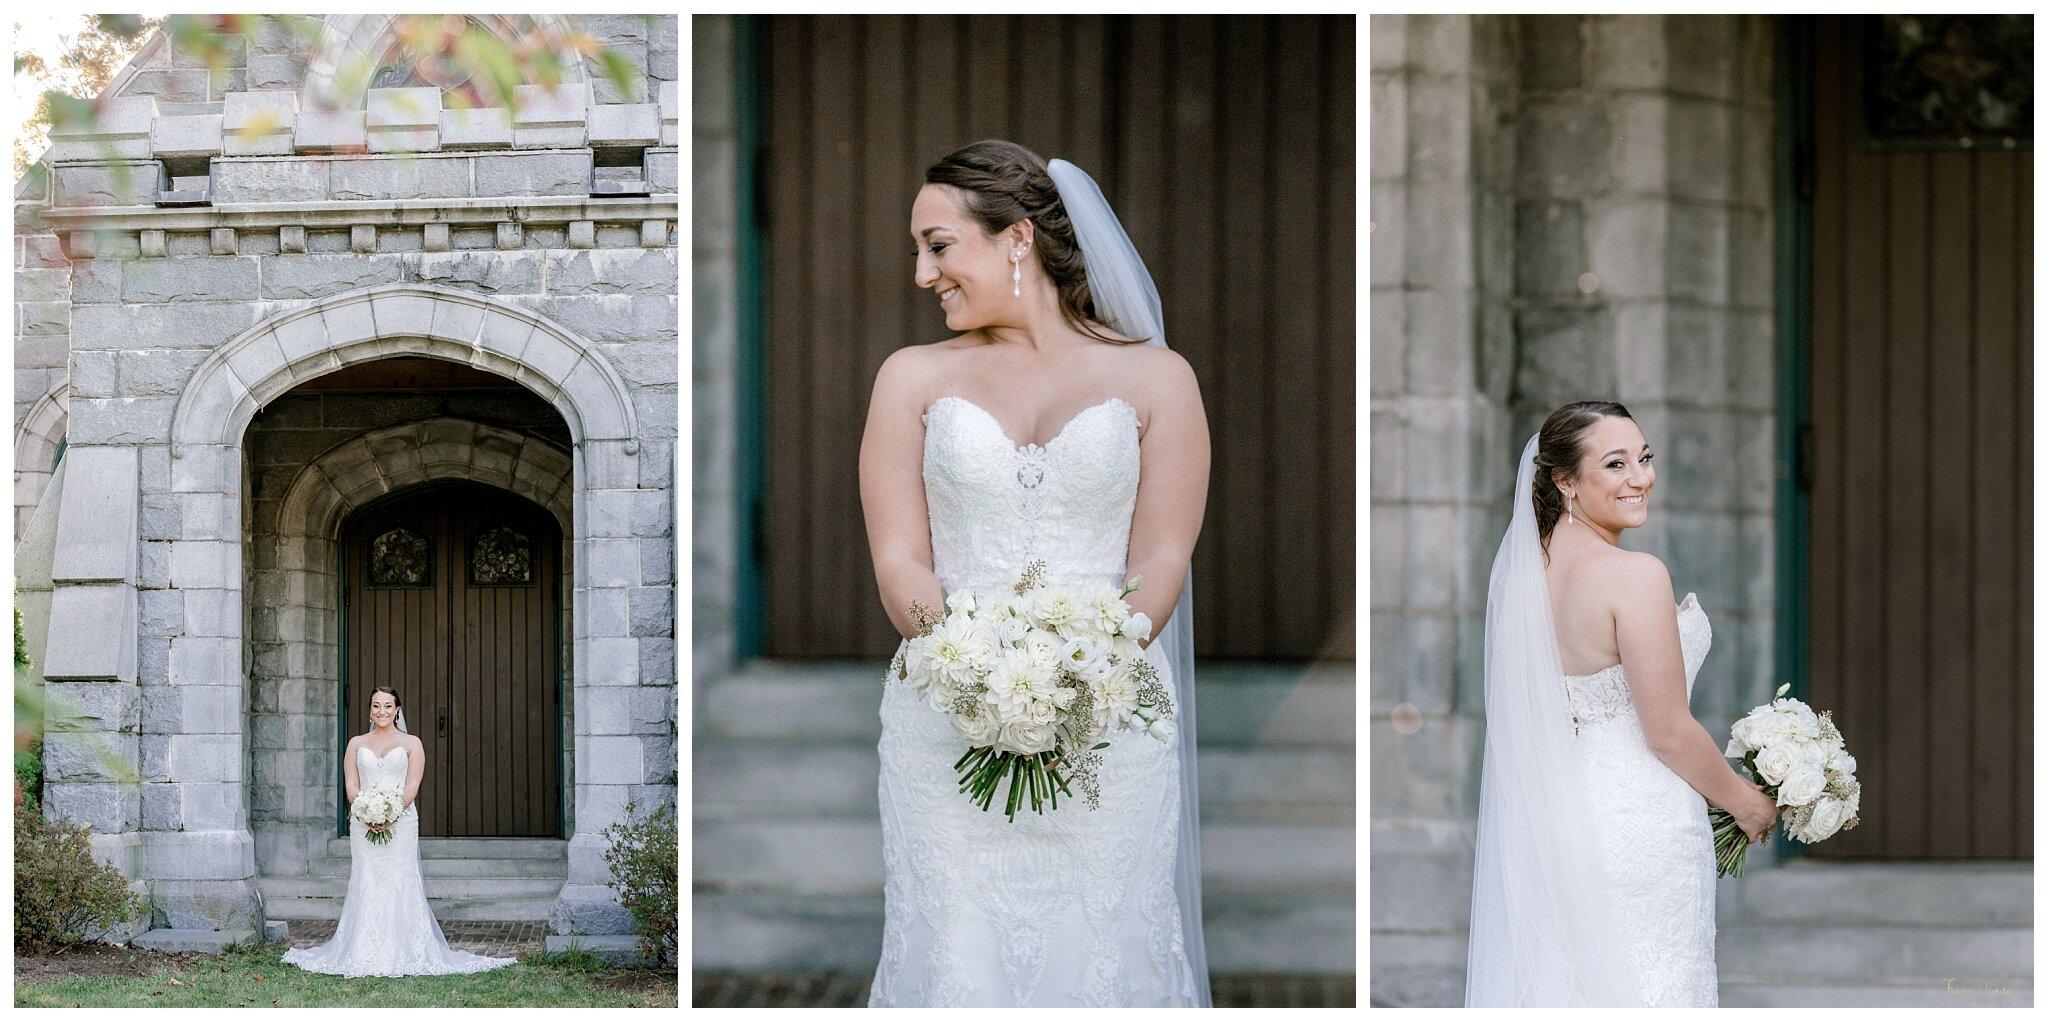 Bridal Portraits at Wilde Memorial Chapel